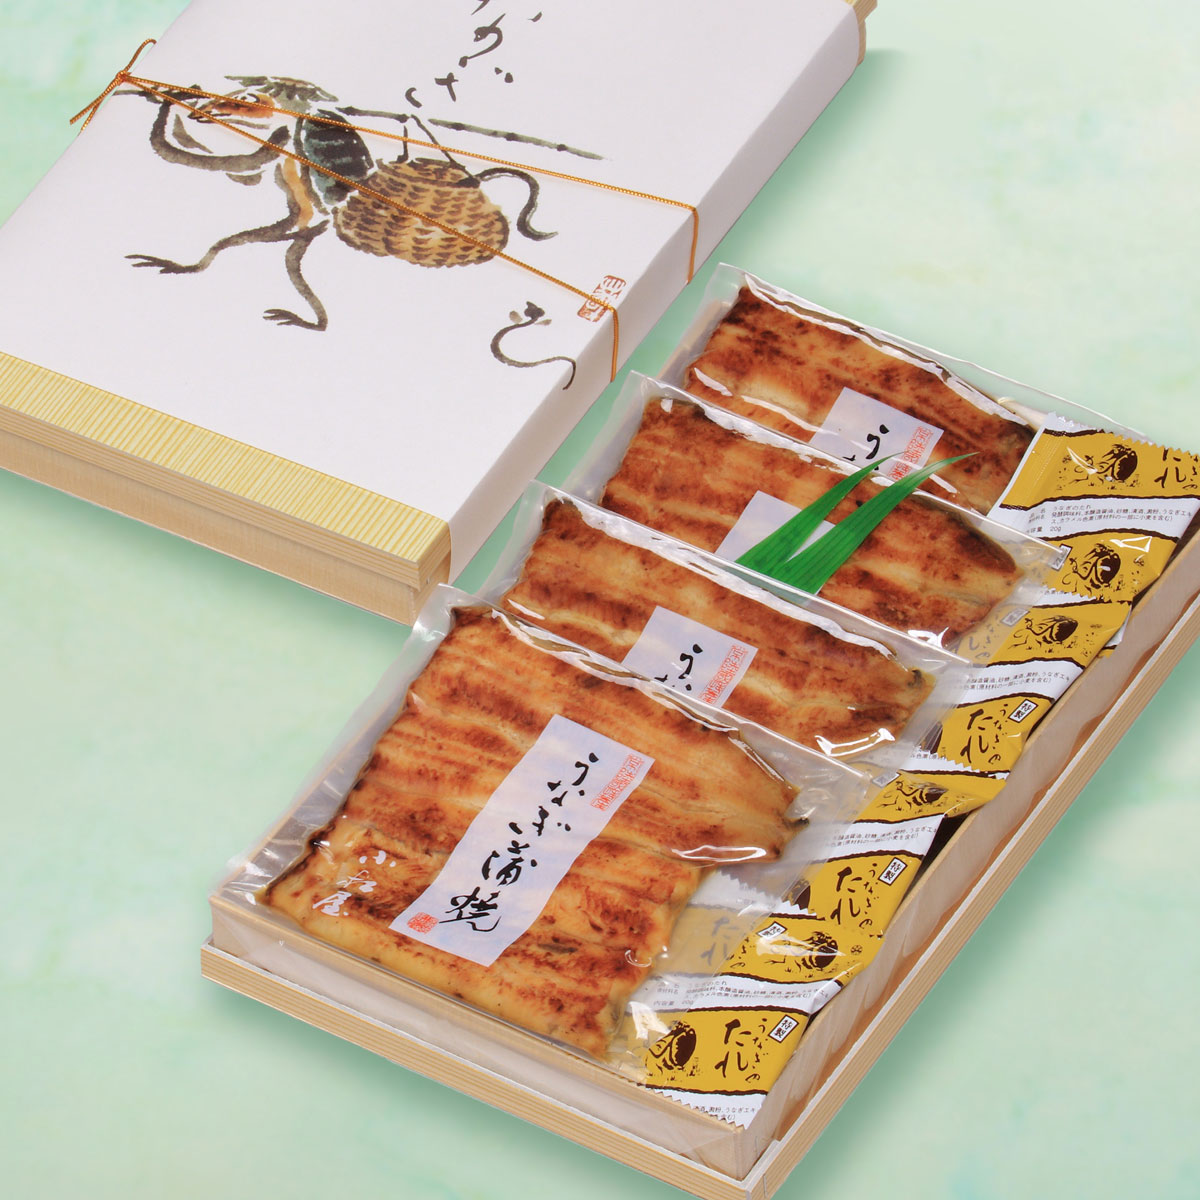 茨城県土浦市のうなぎの返礼品 箱詰め